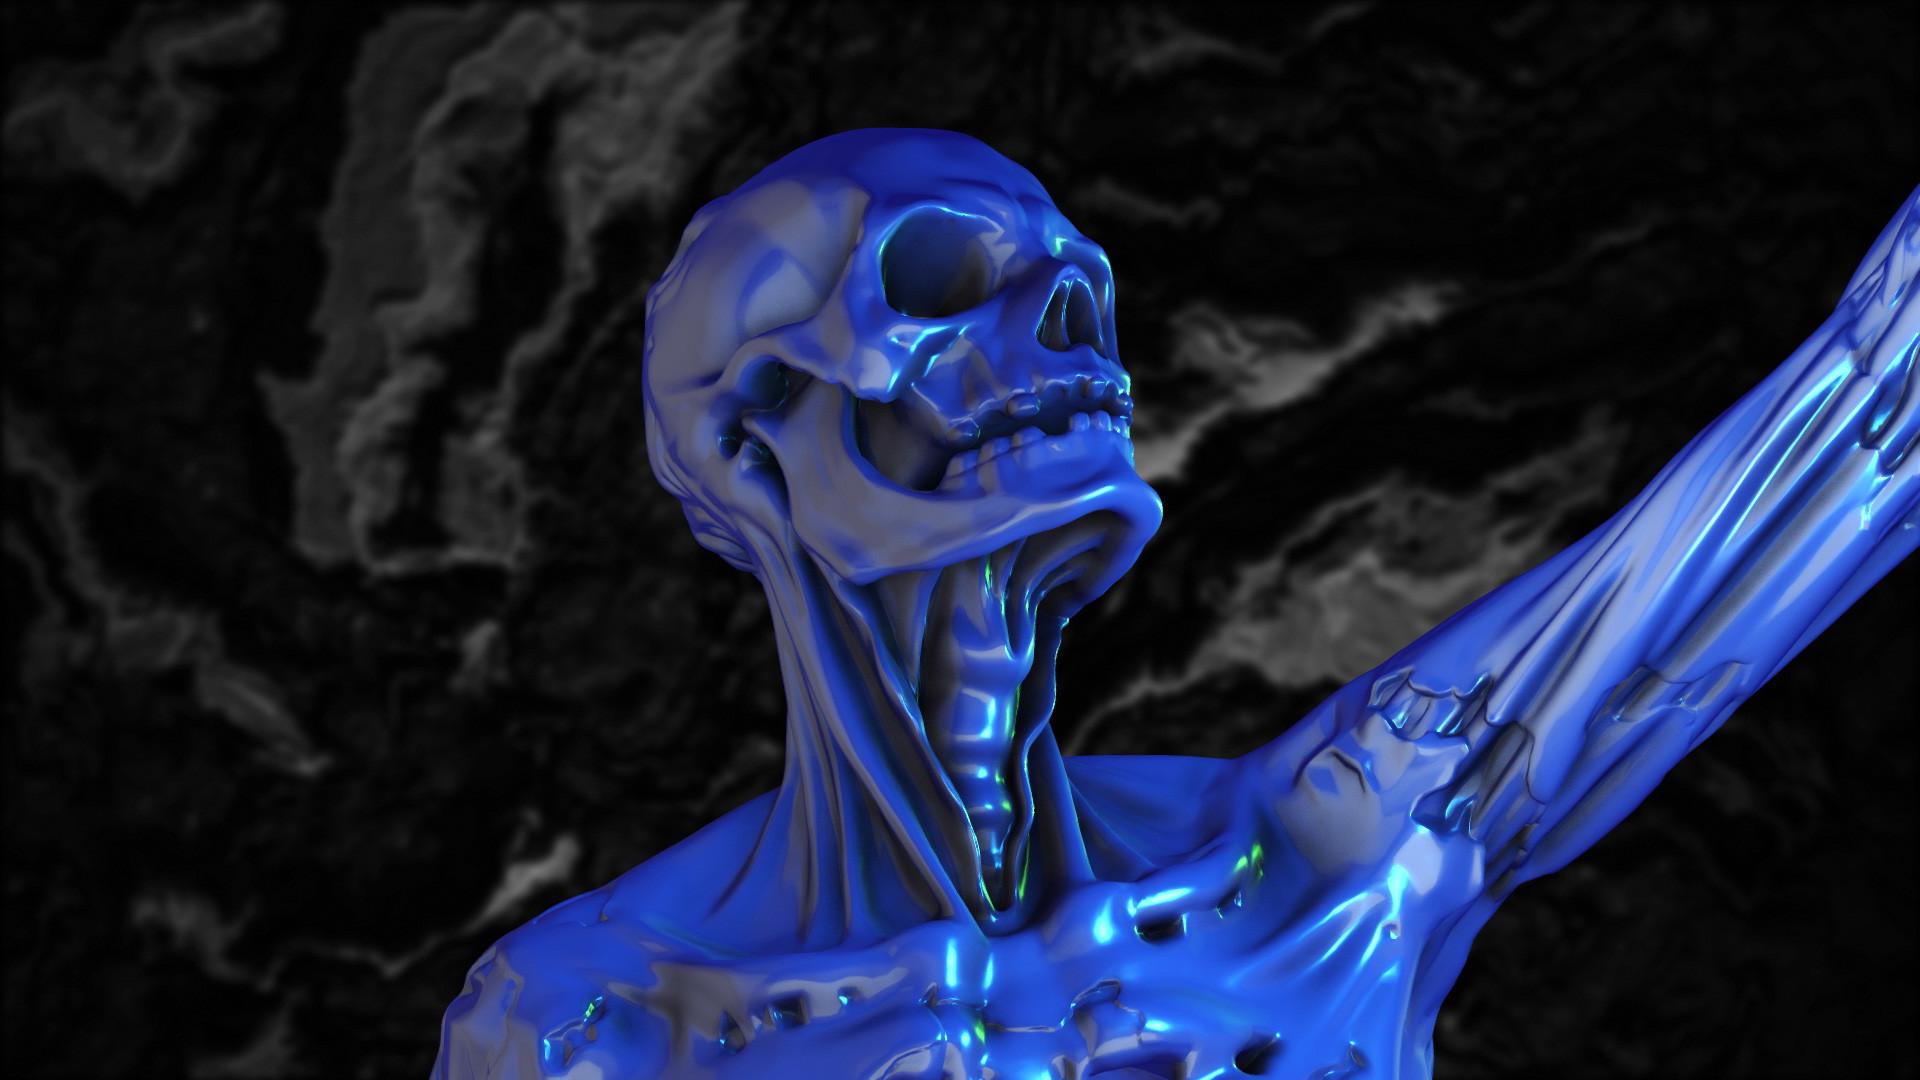 3D SCULP3_4.jpg